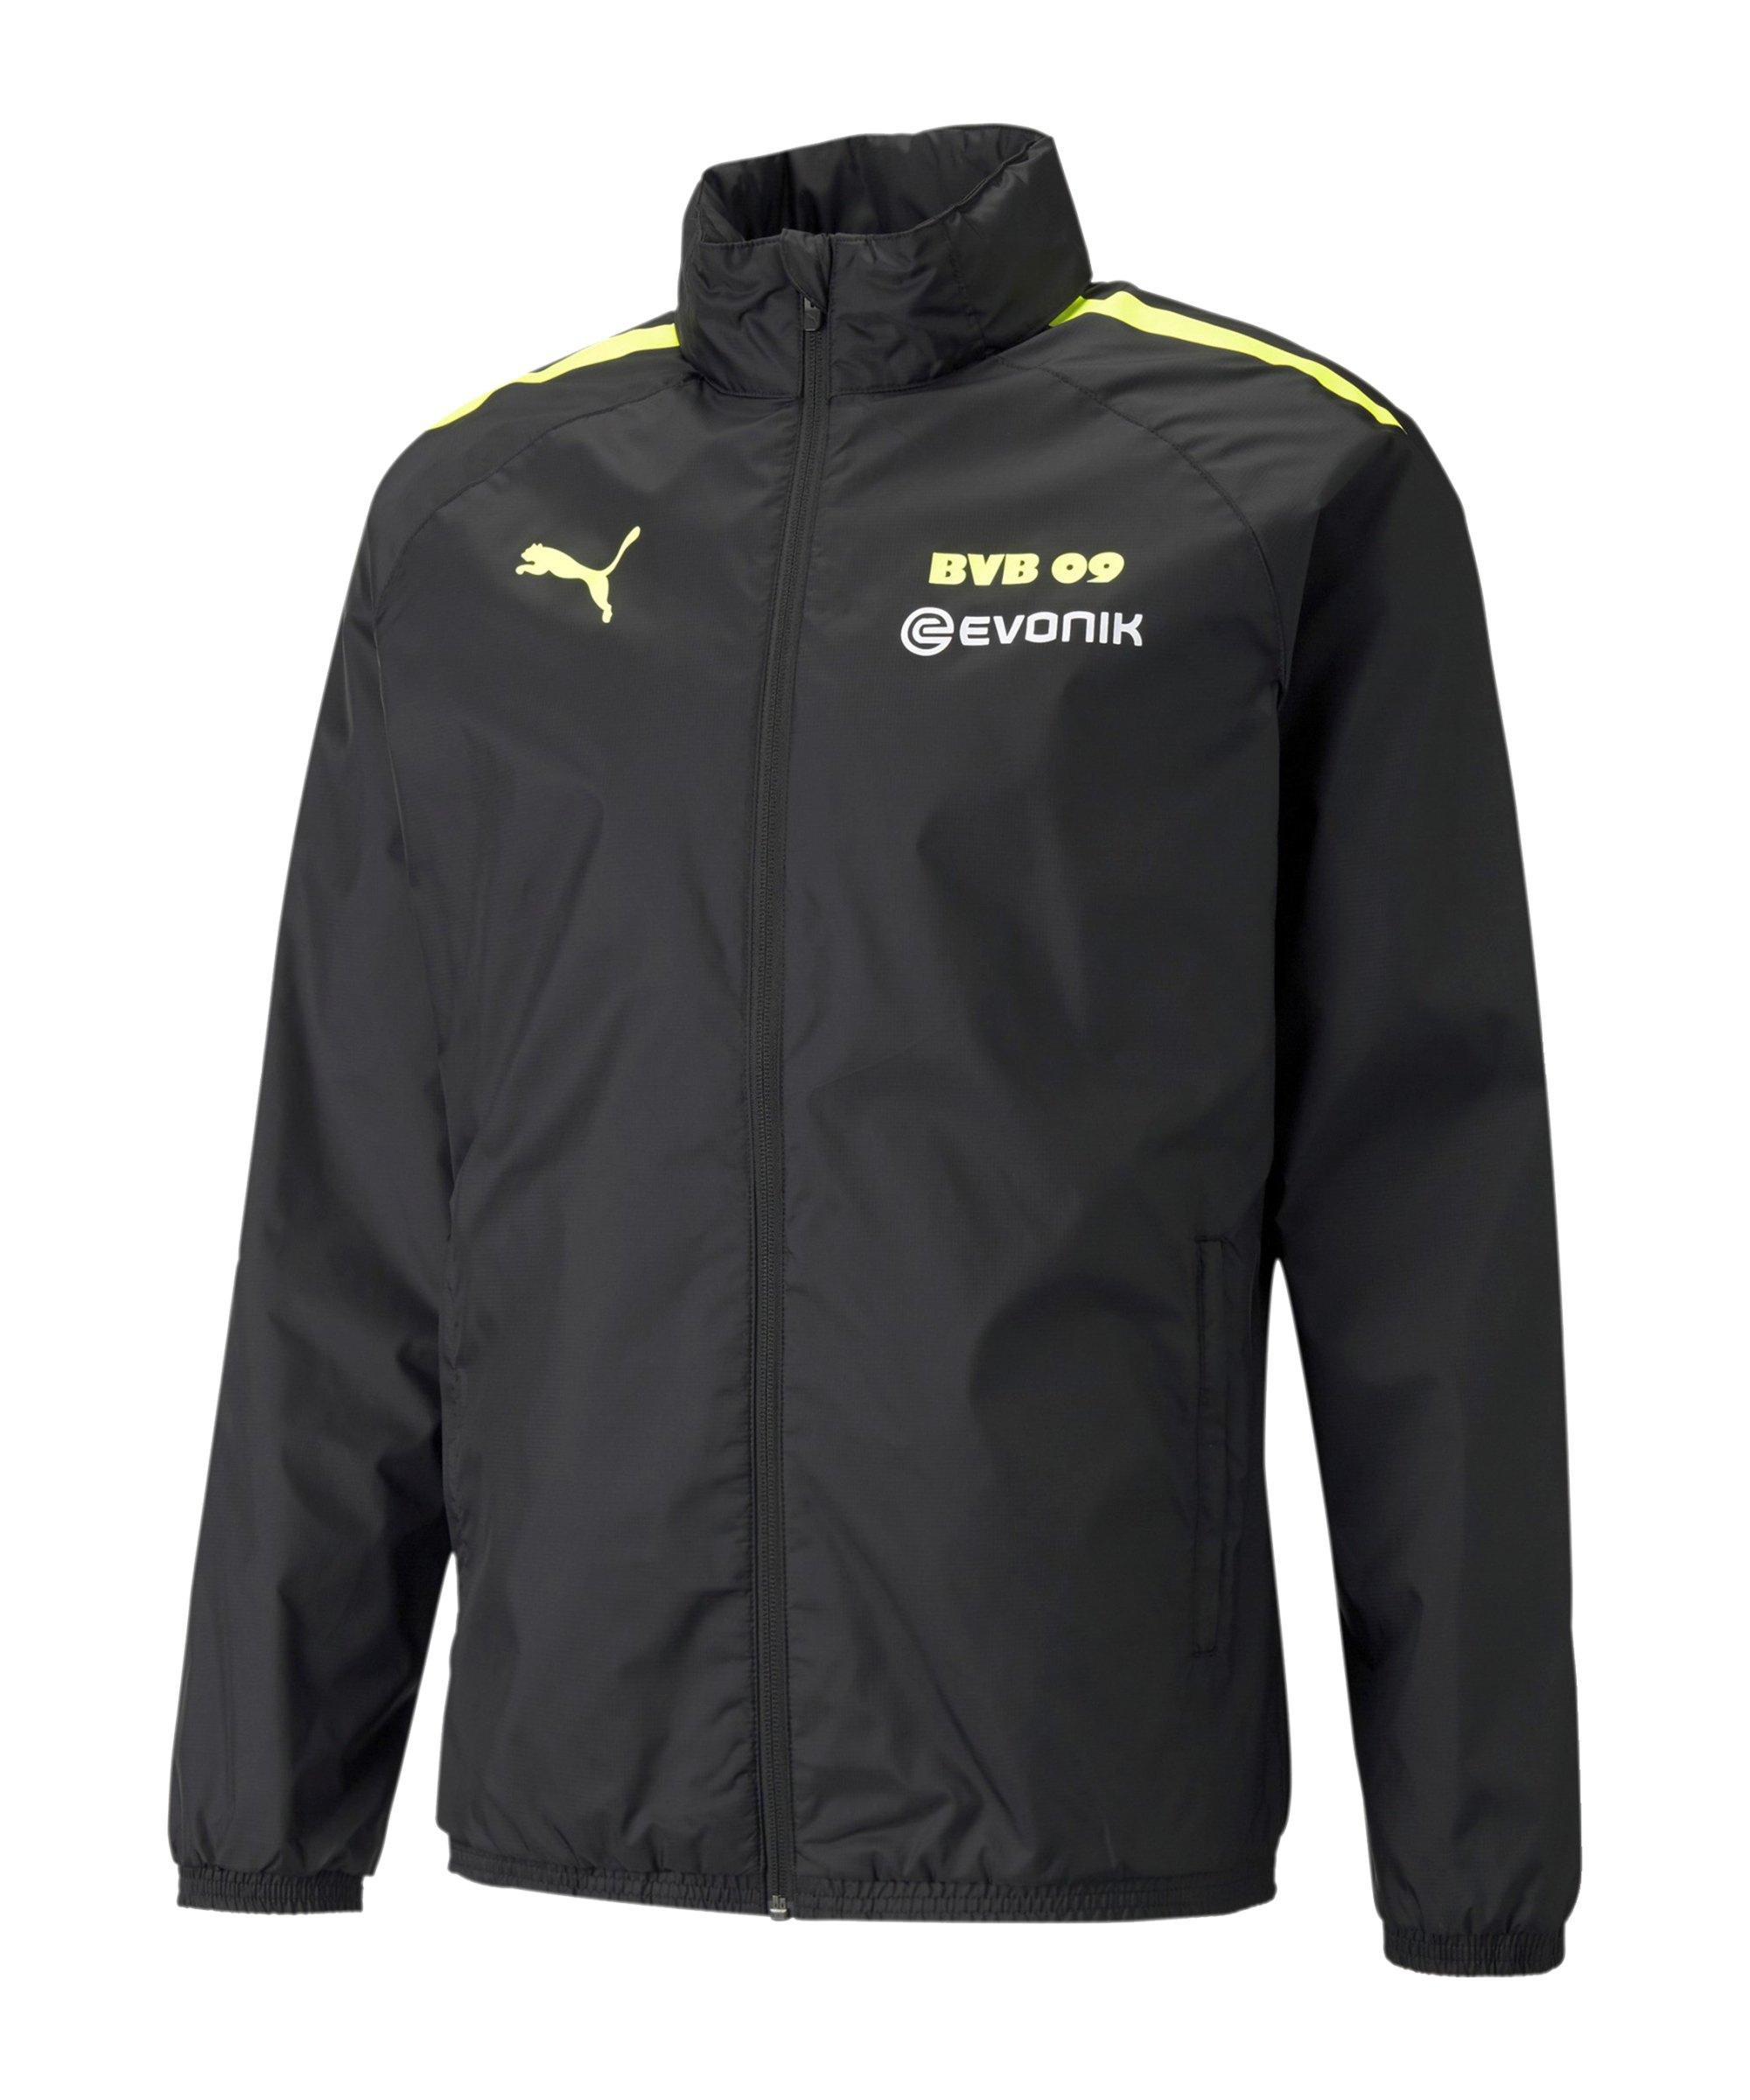 PUMA BVB Dortmund Regenjacke mit Sponsor F05 - schwarz